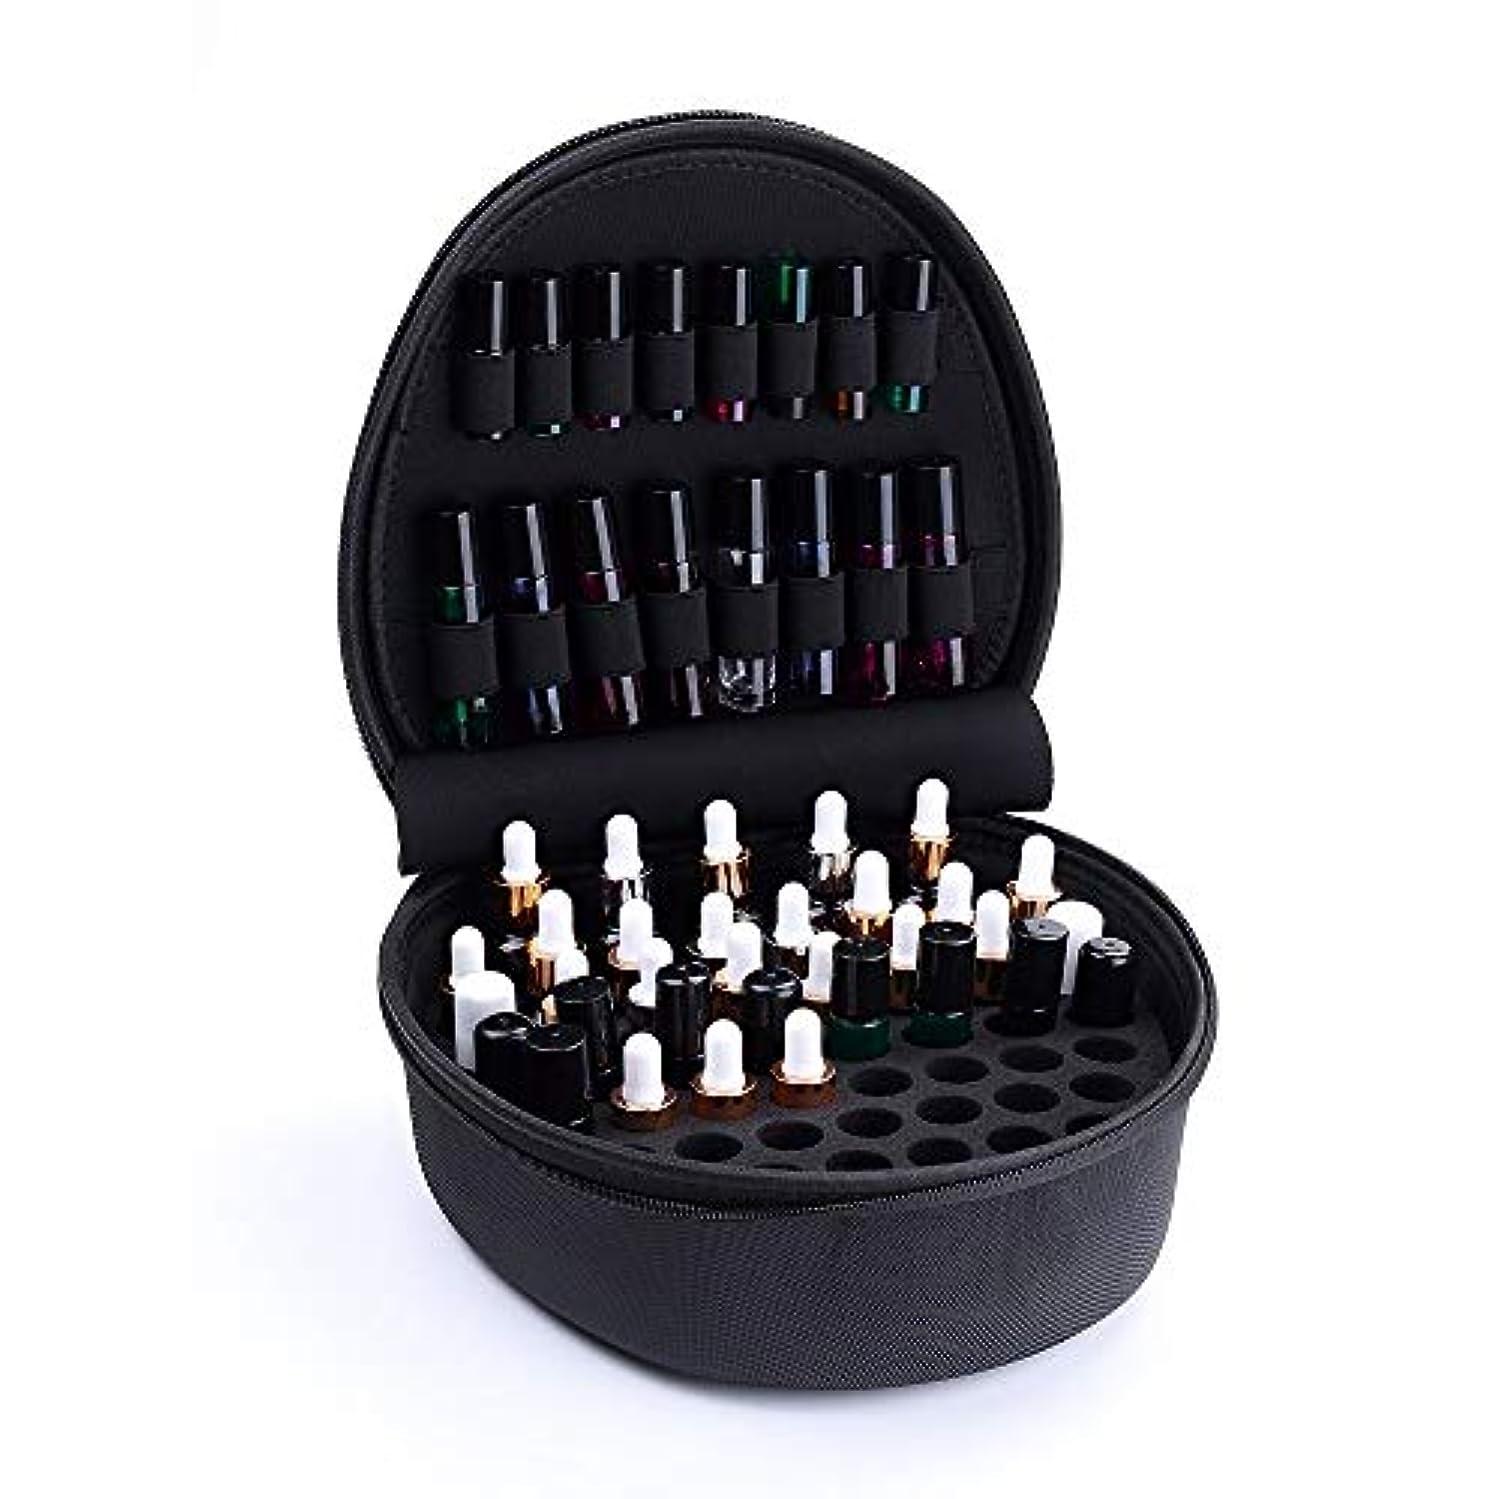 脇に前売味方精油ケース ケースプレミアム保護キャリングエッセンシャルオイルは5-15ML油トラベルオーガナイザーポーチバッグブラックを開催します 携帯便利 (色 : ブラック, サイズ : 24X26X10CM)